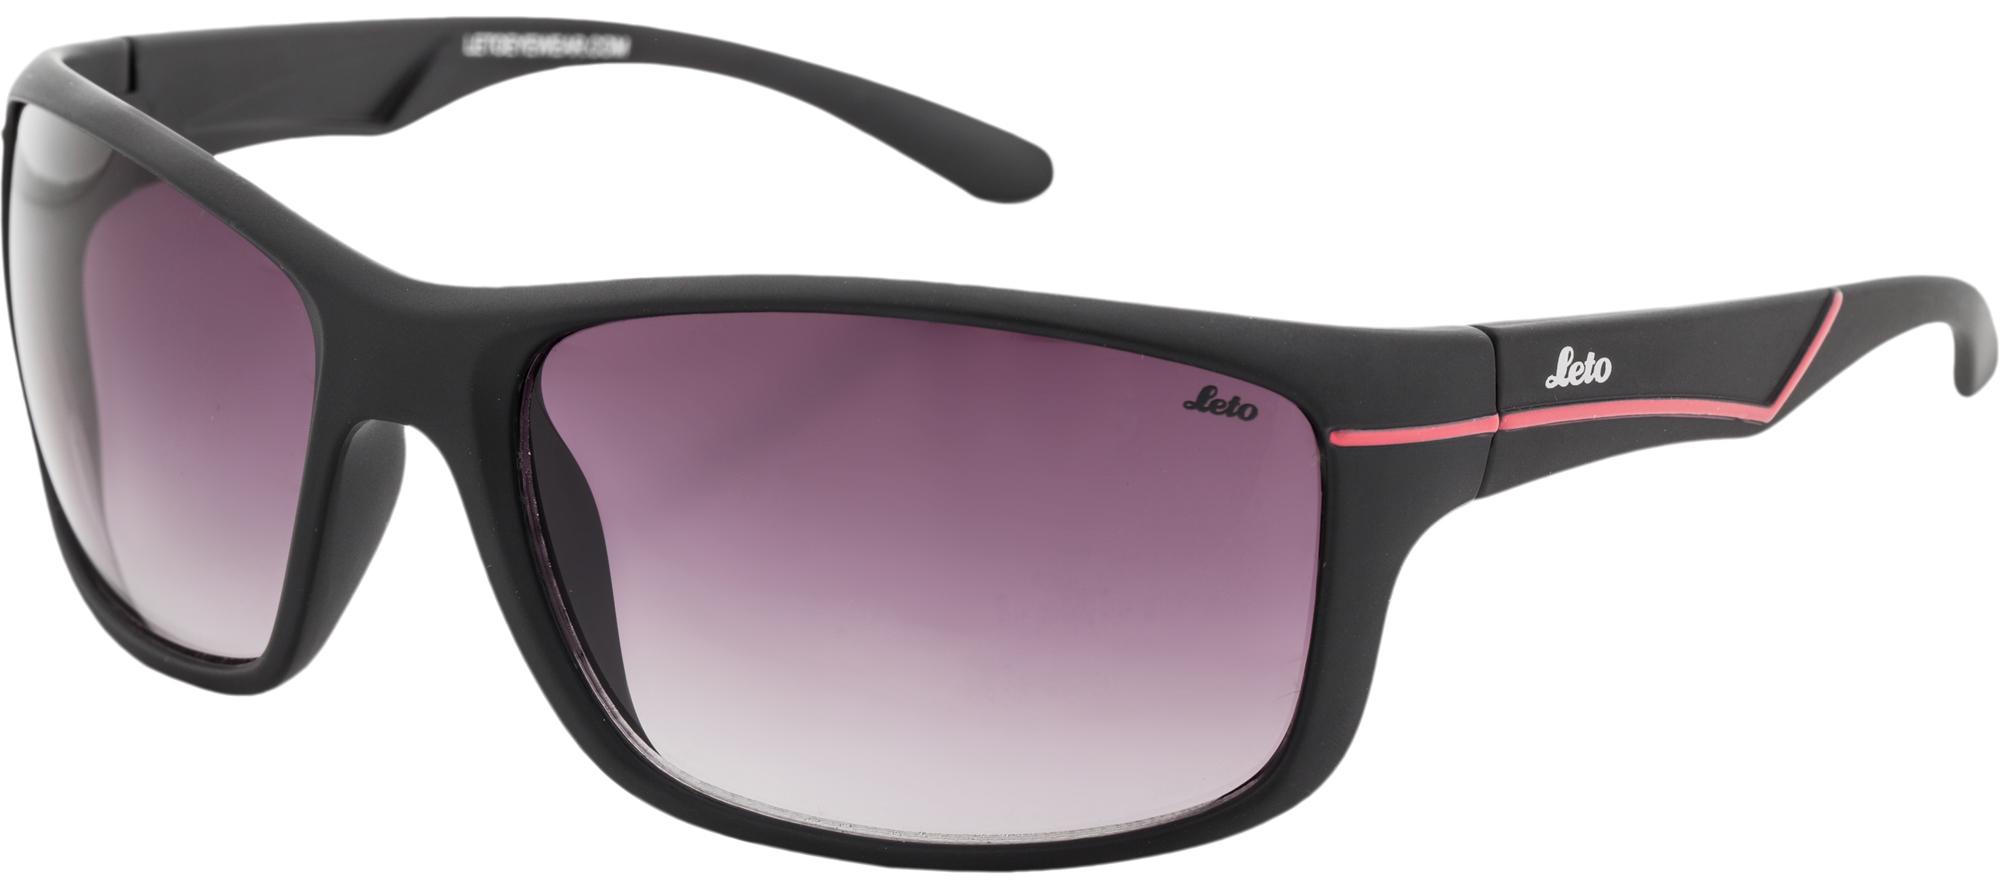 Leto Солнцезащитные очки мужские Leto стоимость